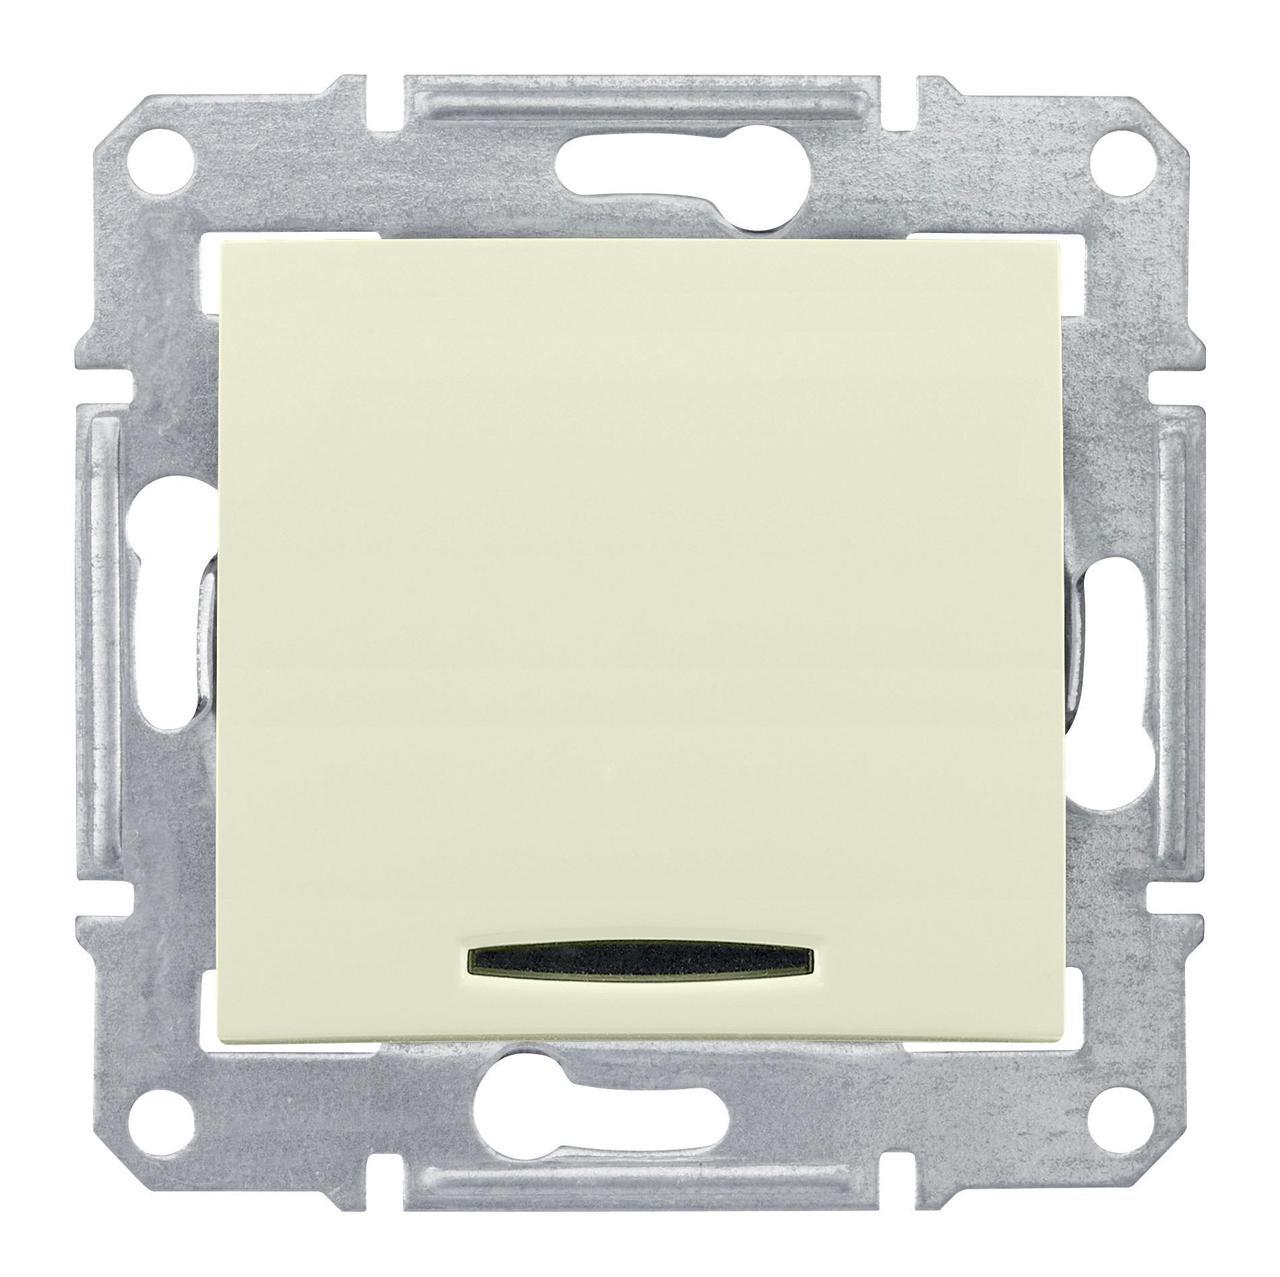 Выключатель 1-клавишный; кнопочный с подсветкой , Бежевый, серия Sedna, Schneider Electric